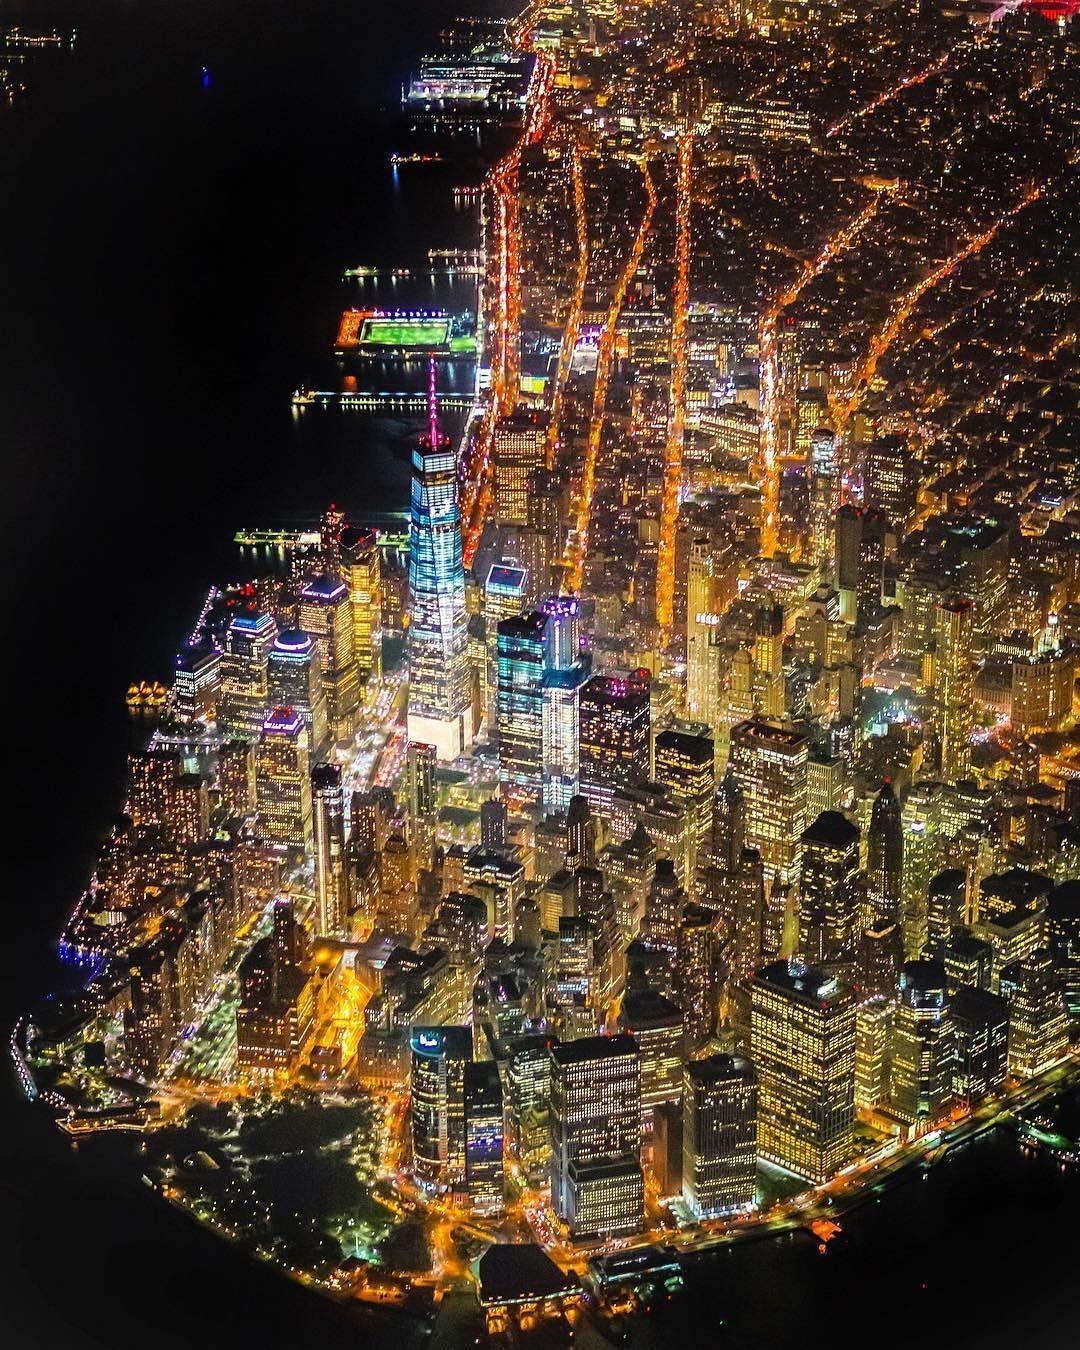 Ночной Манхэттен,  Нью-Йорк. Фотограф agpfoto